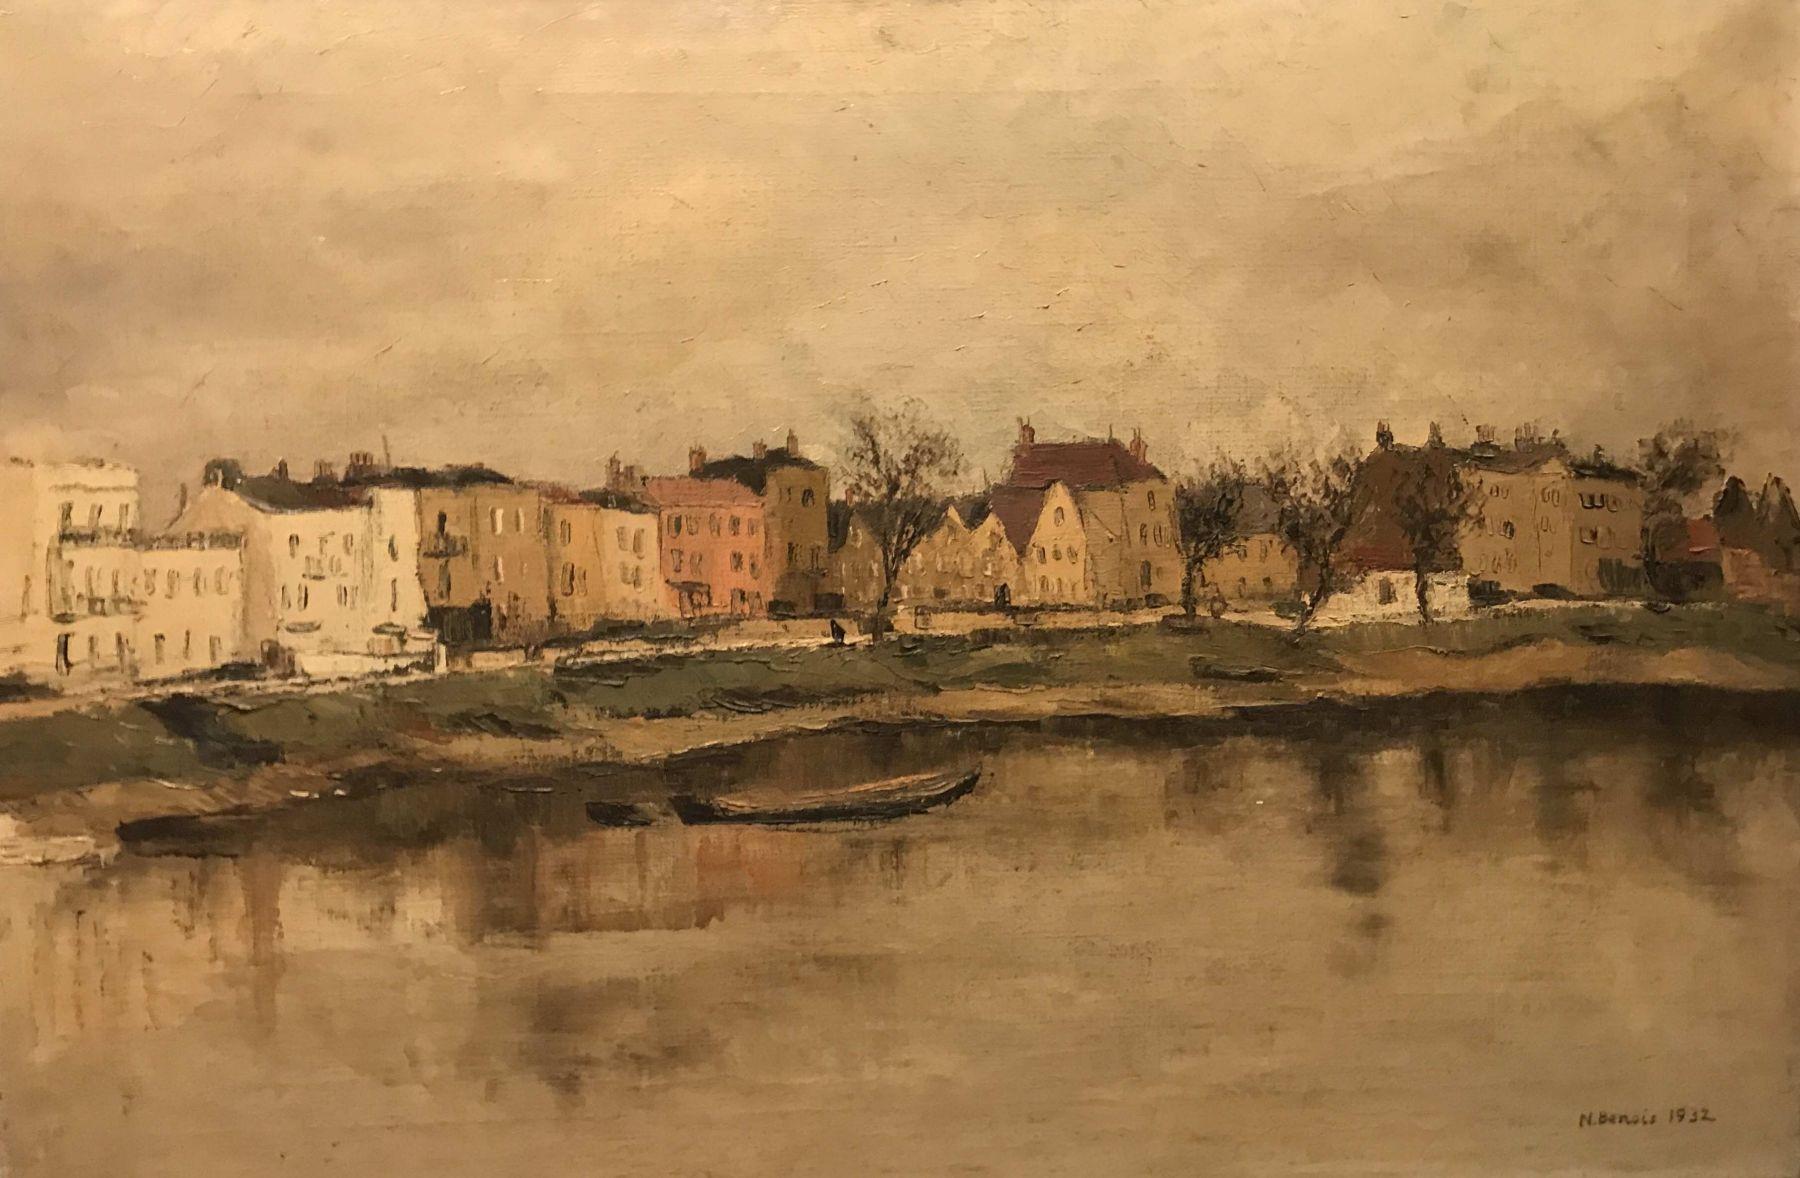 River bank. Autumn landscape.